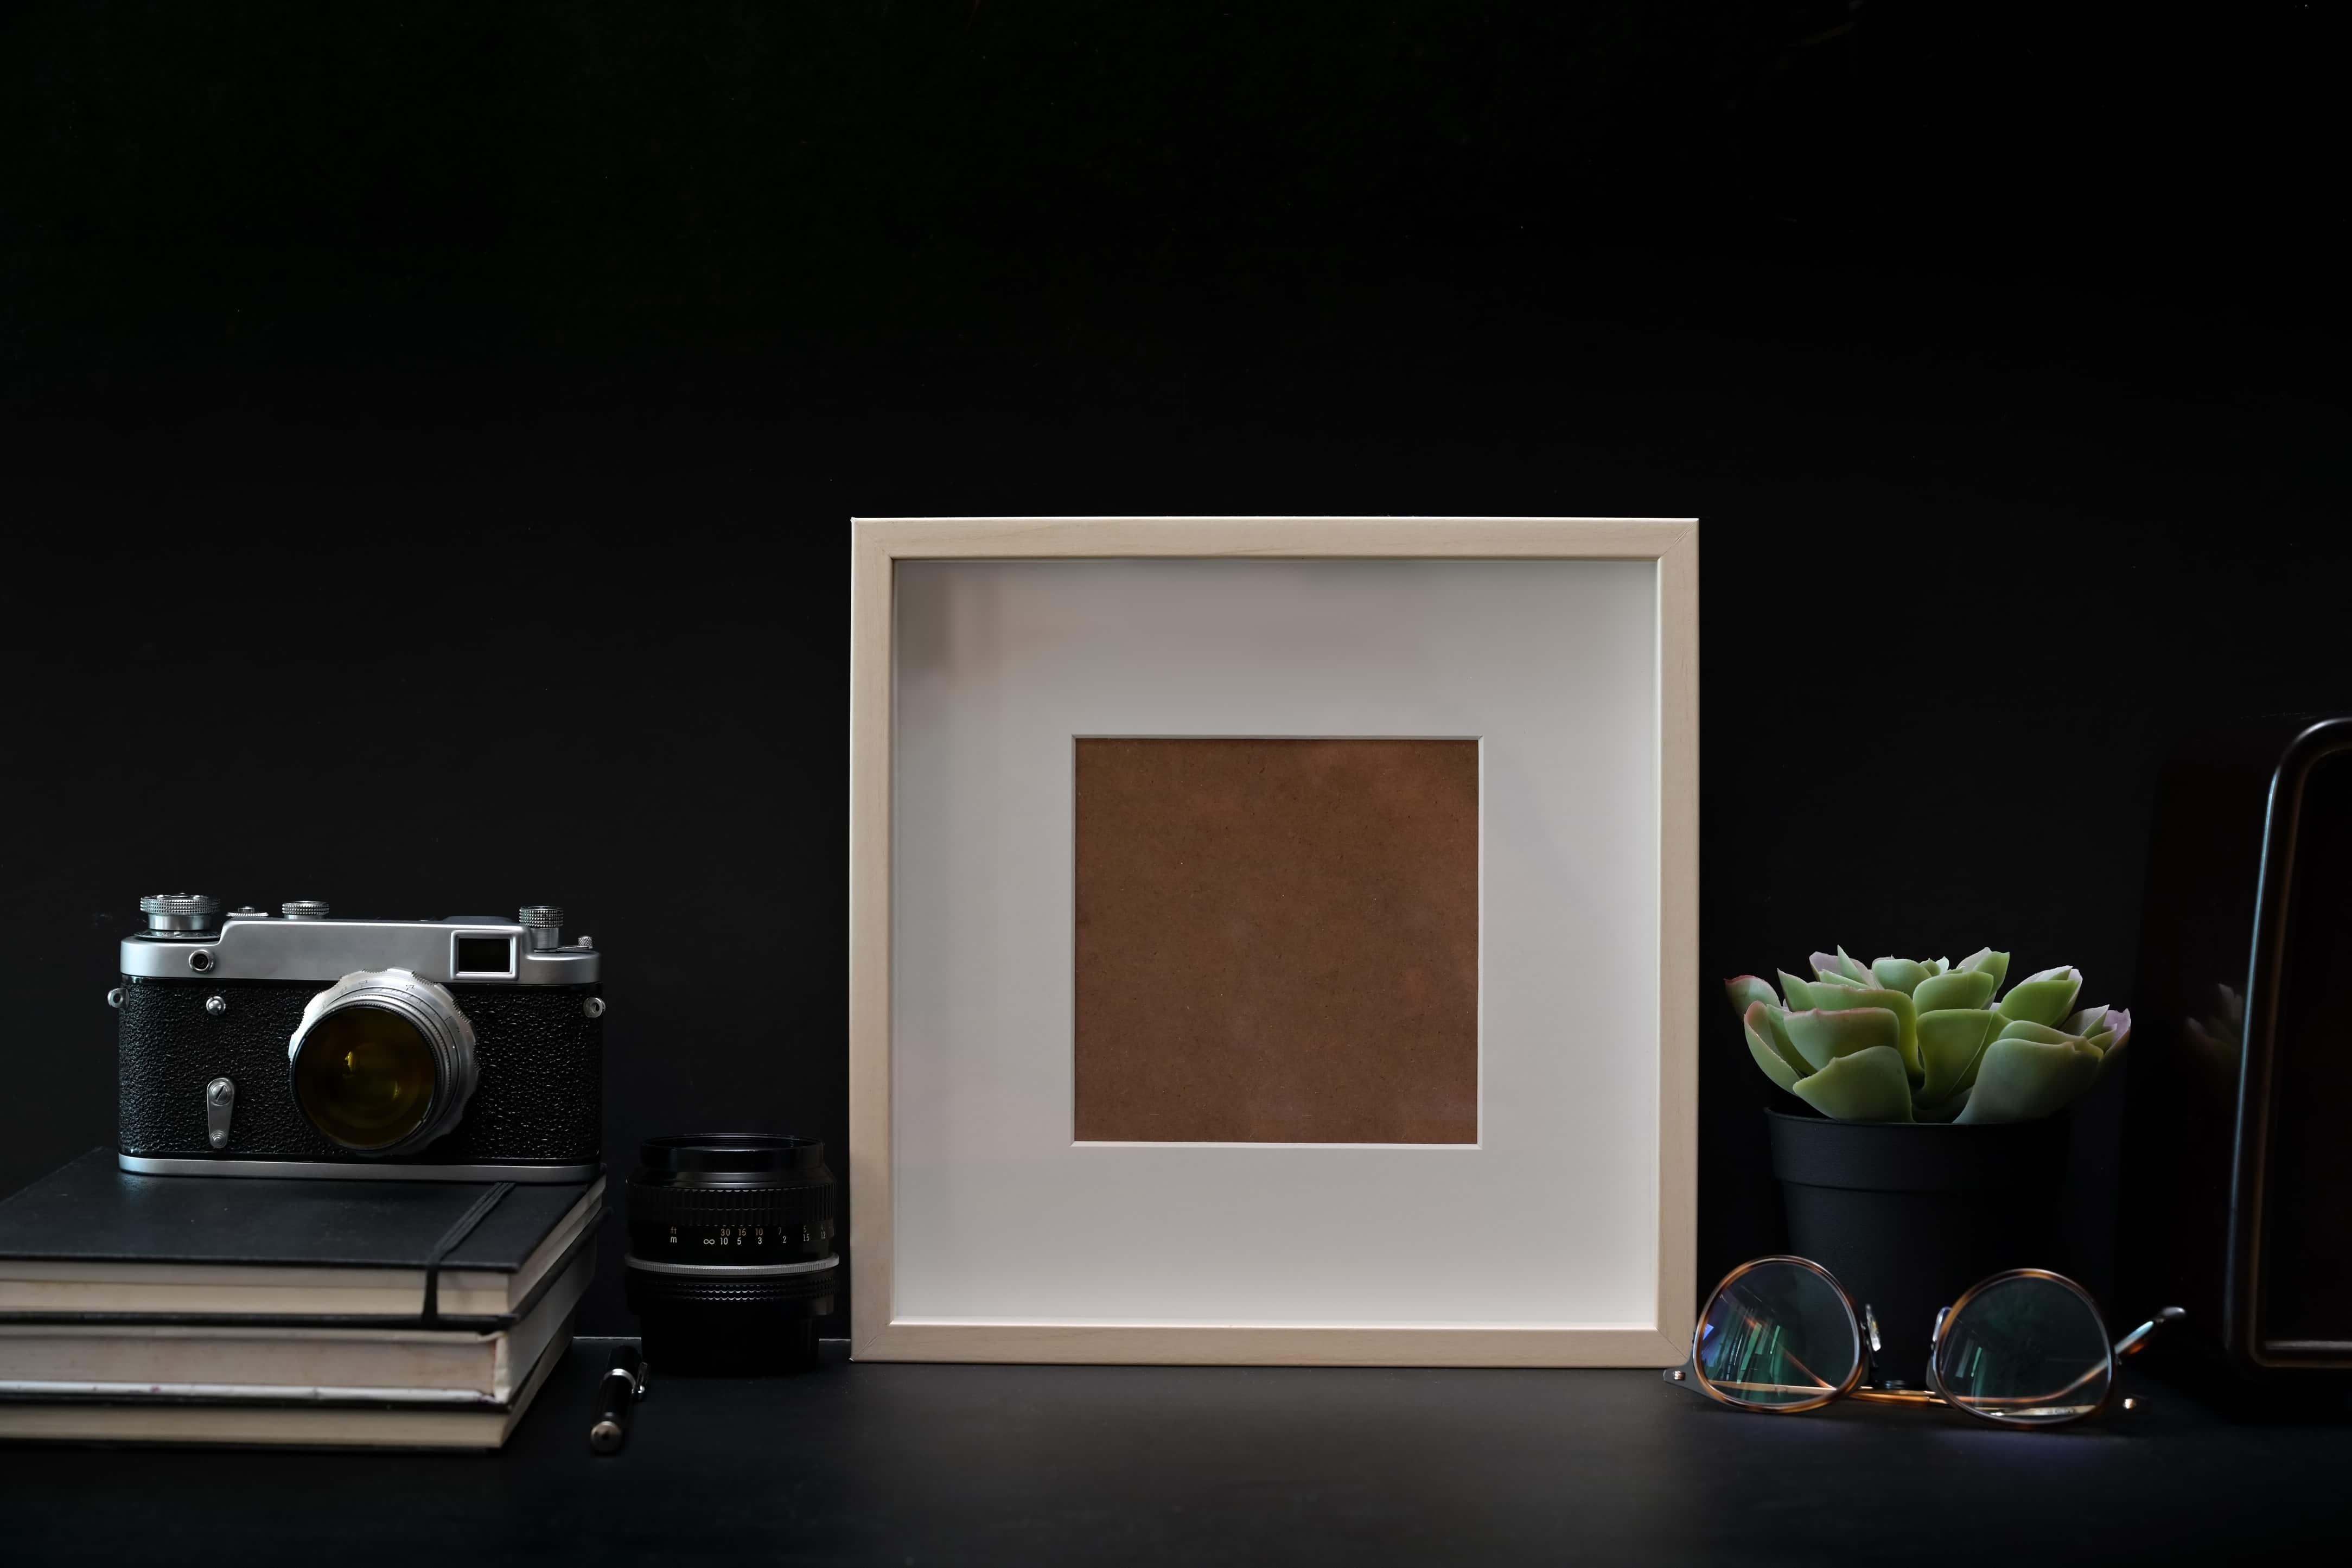 フリー素材と信じてフリー素材でない画像等を使用した場合の法的責任